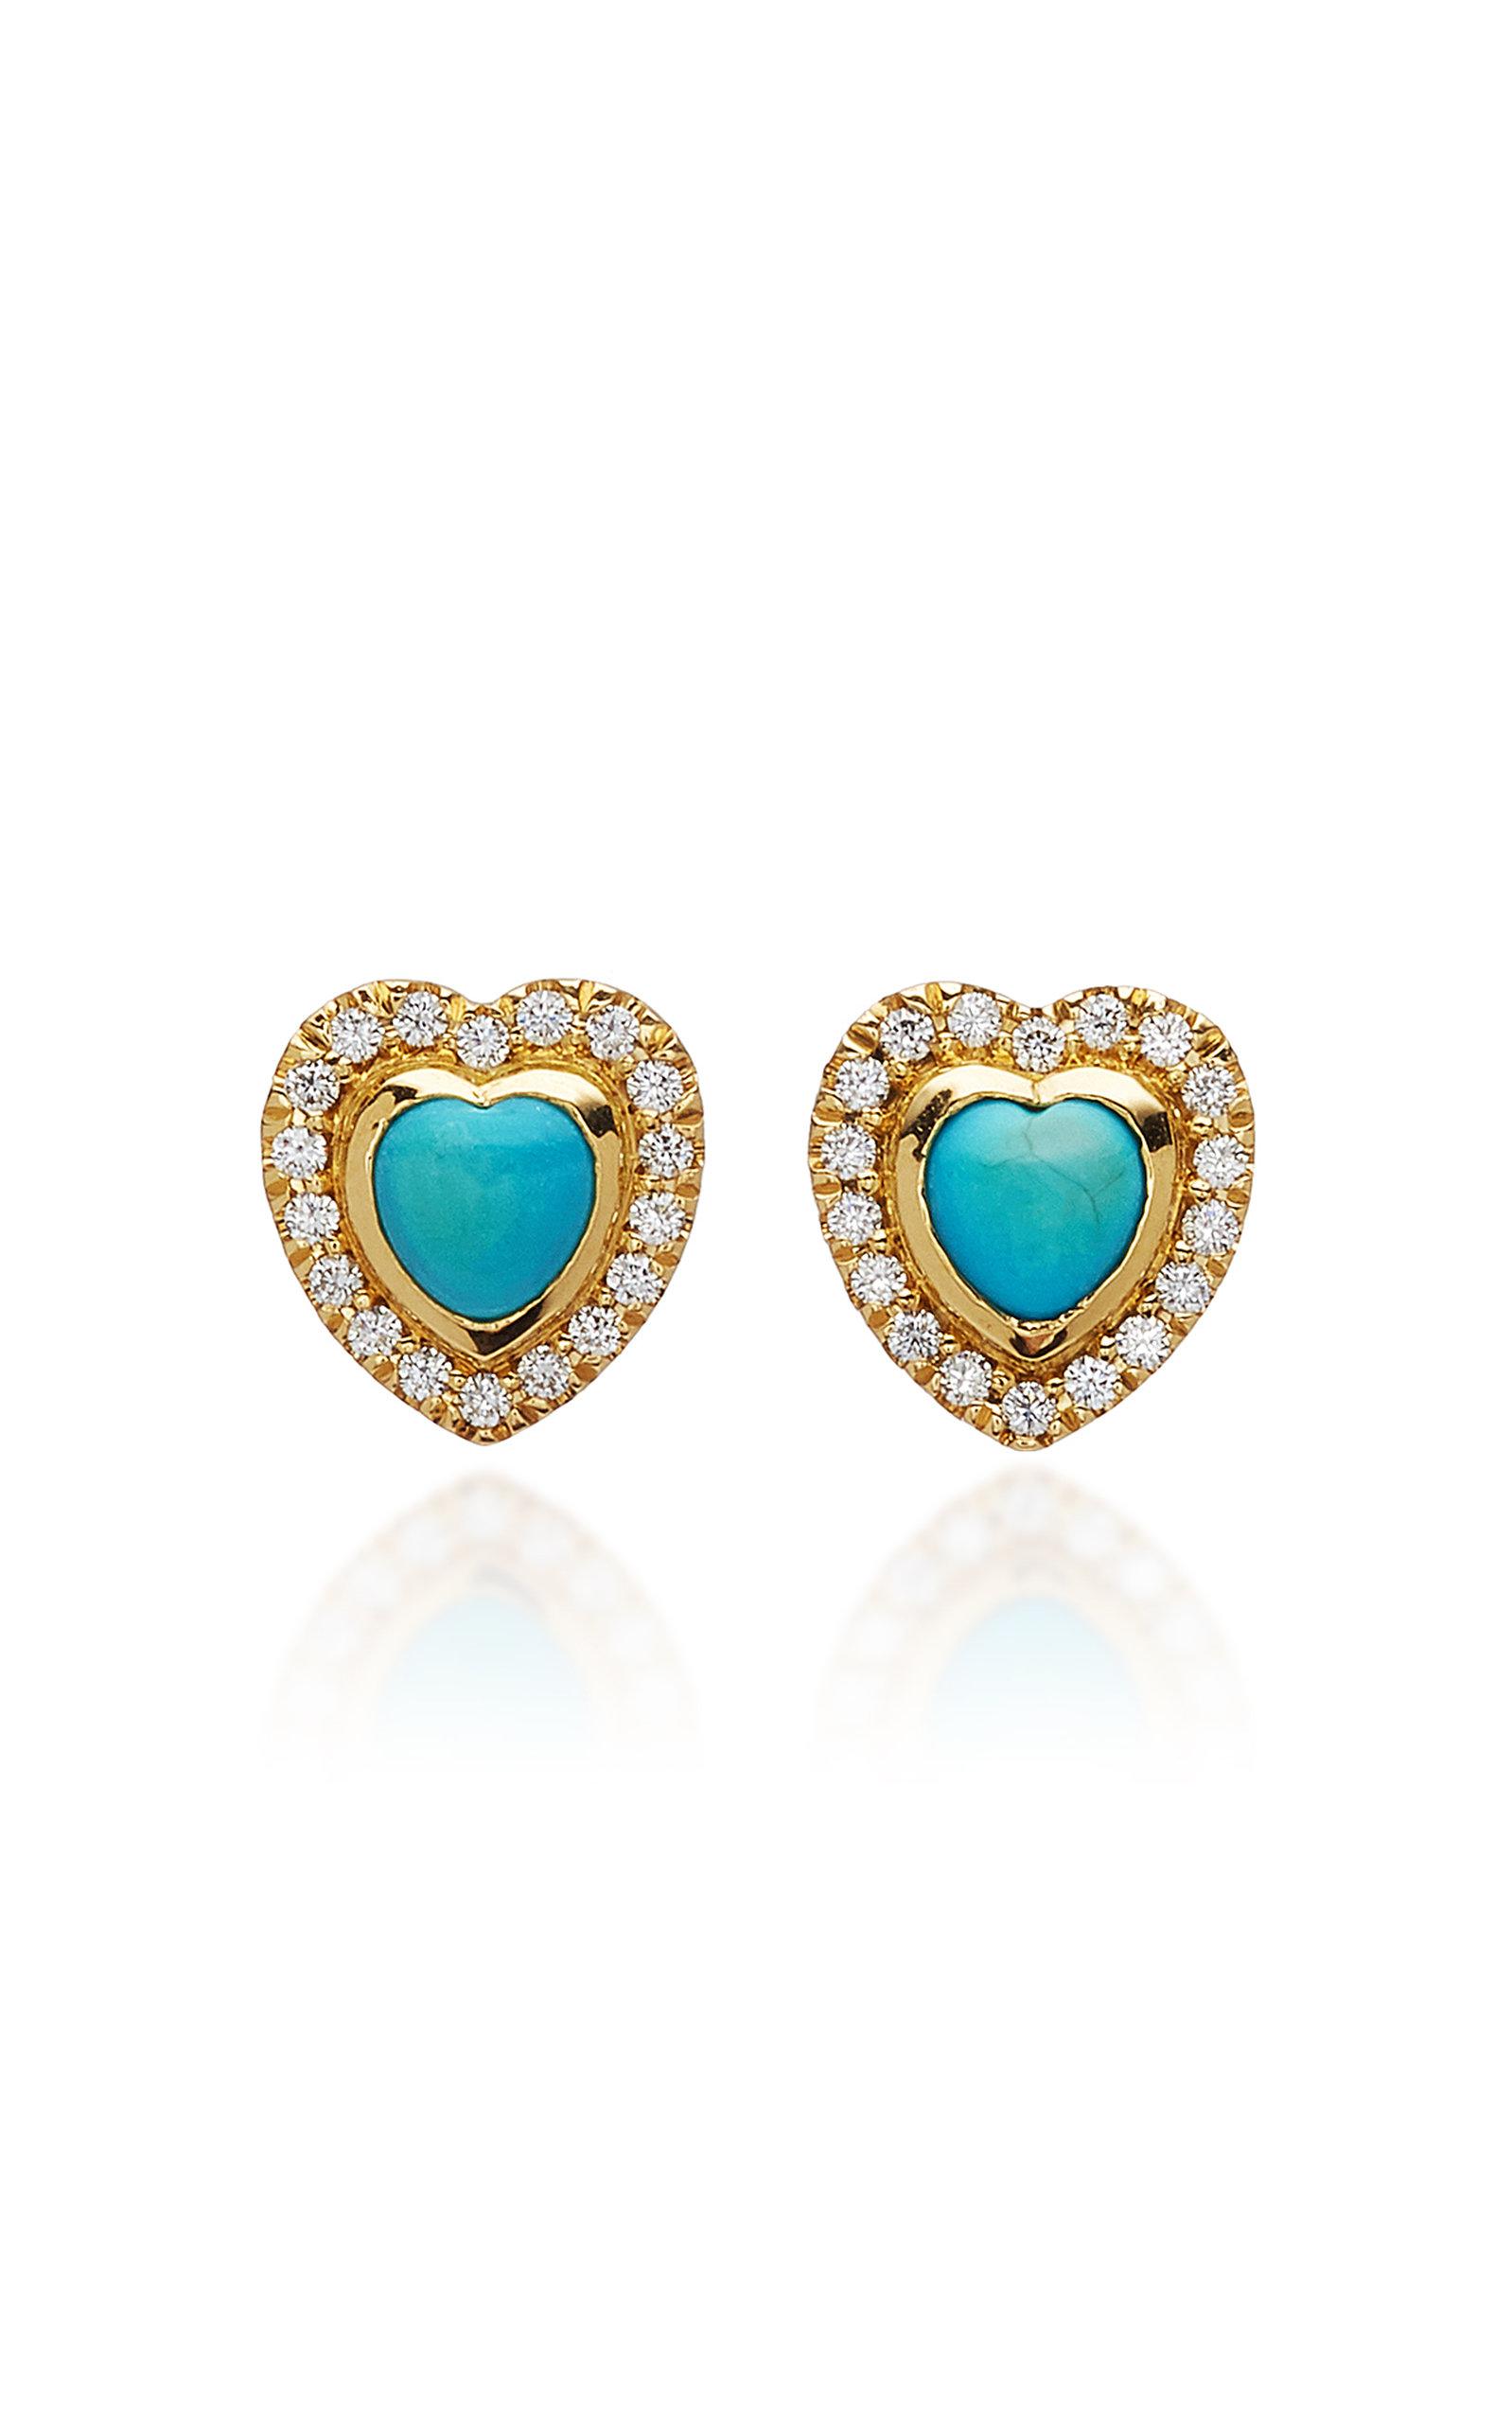 KHAI KHAI 18K Gold Turquoise And Diamond Earrings in Blue